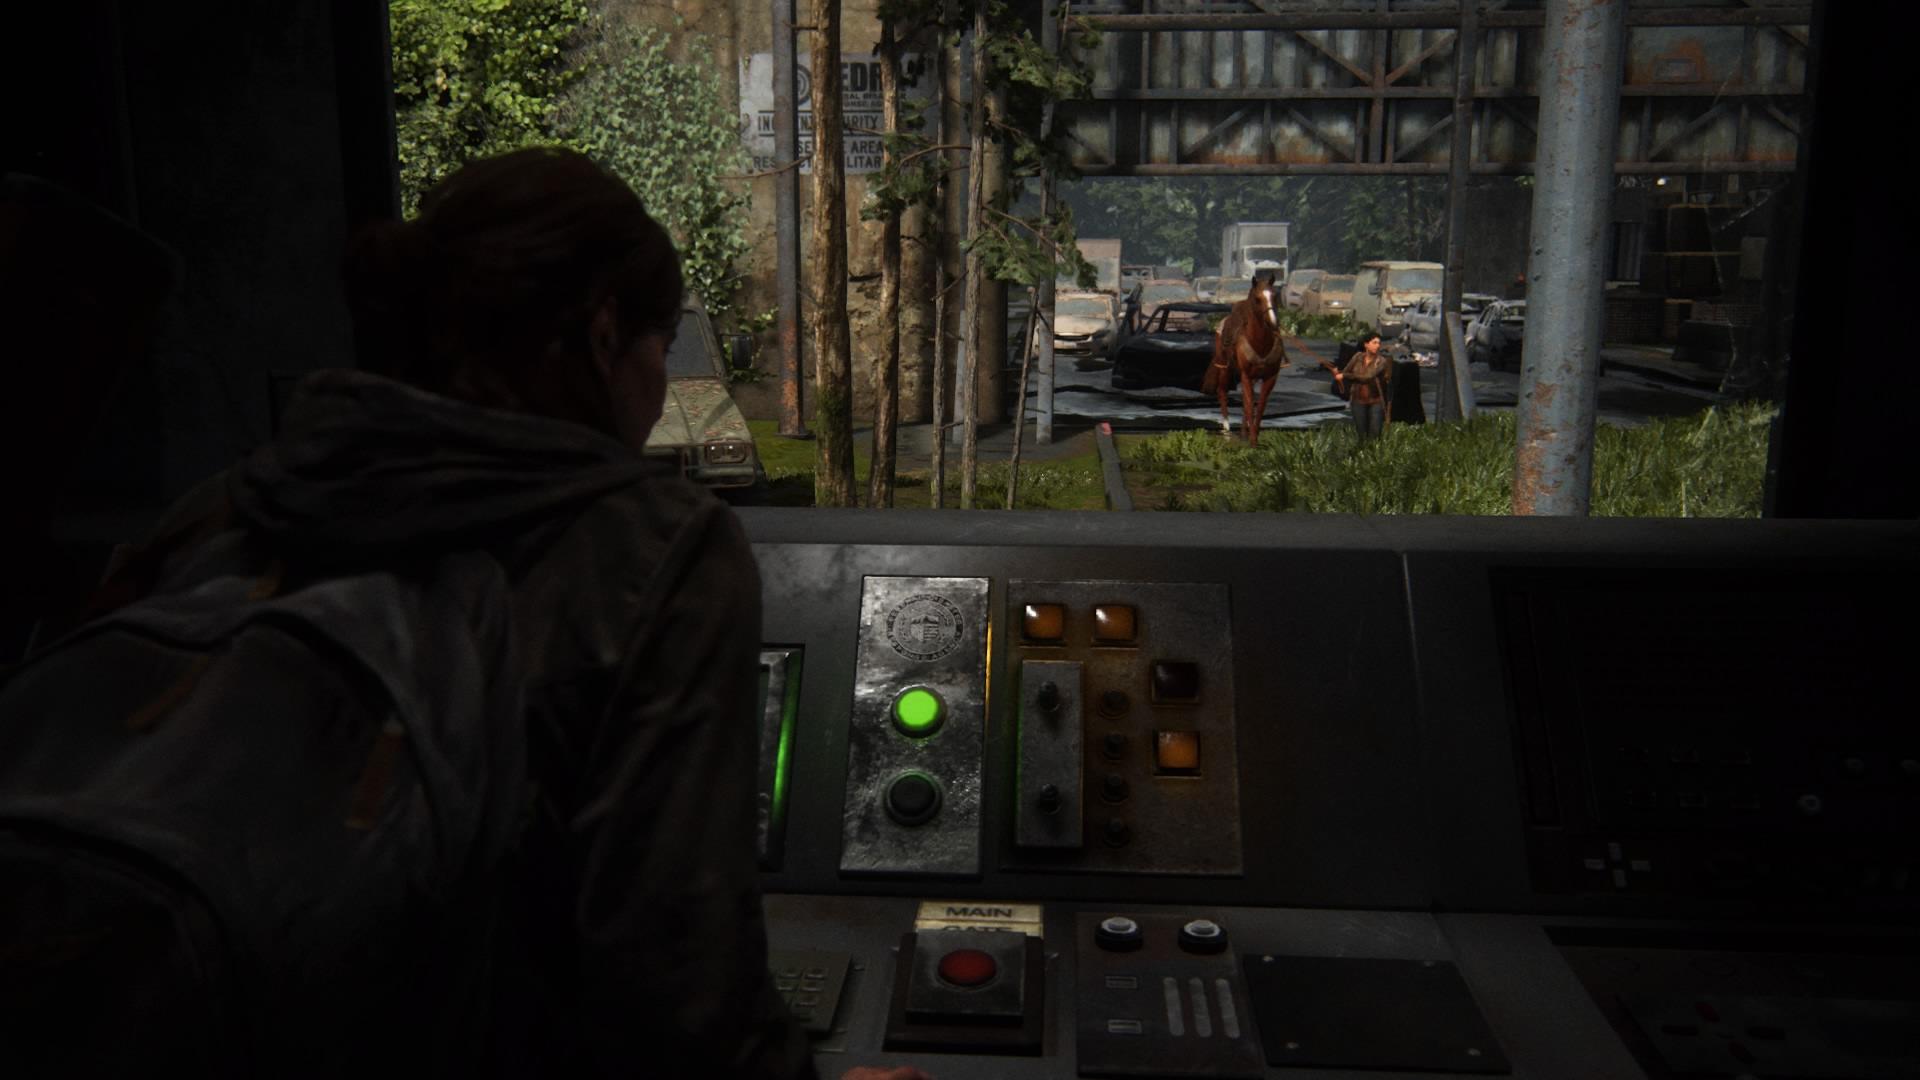 Ellie öffnet Mithilfe Einer Codenotiz Das Haupttor. Dina Folgt Ihr Mit Schimmer.